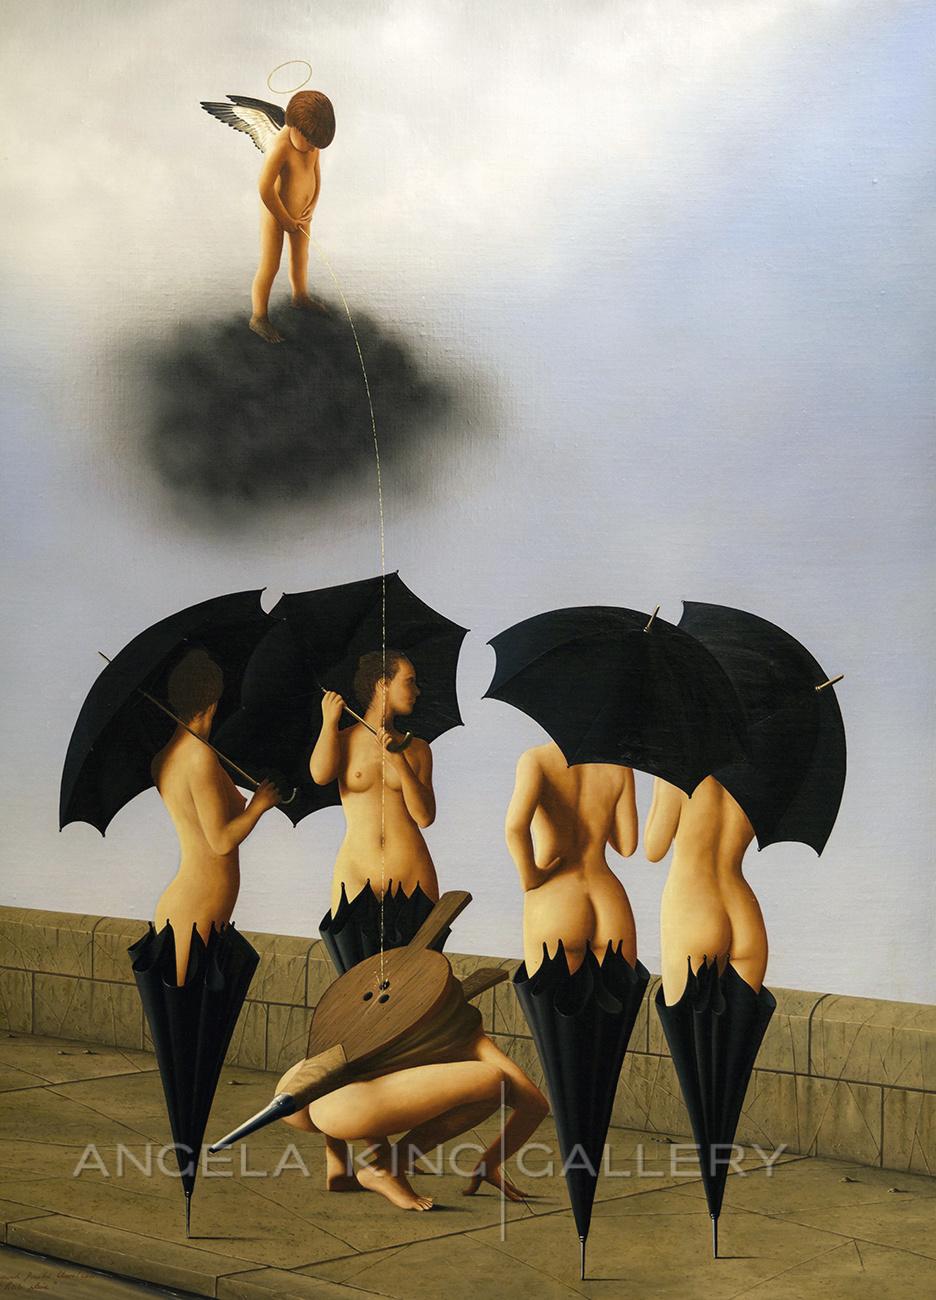 Le Petite Pluie - The Little Rain